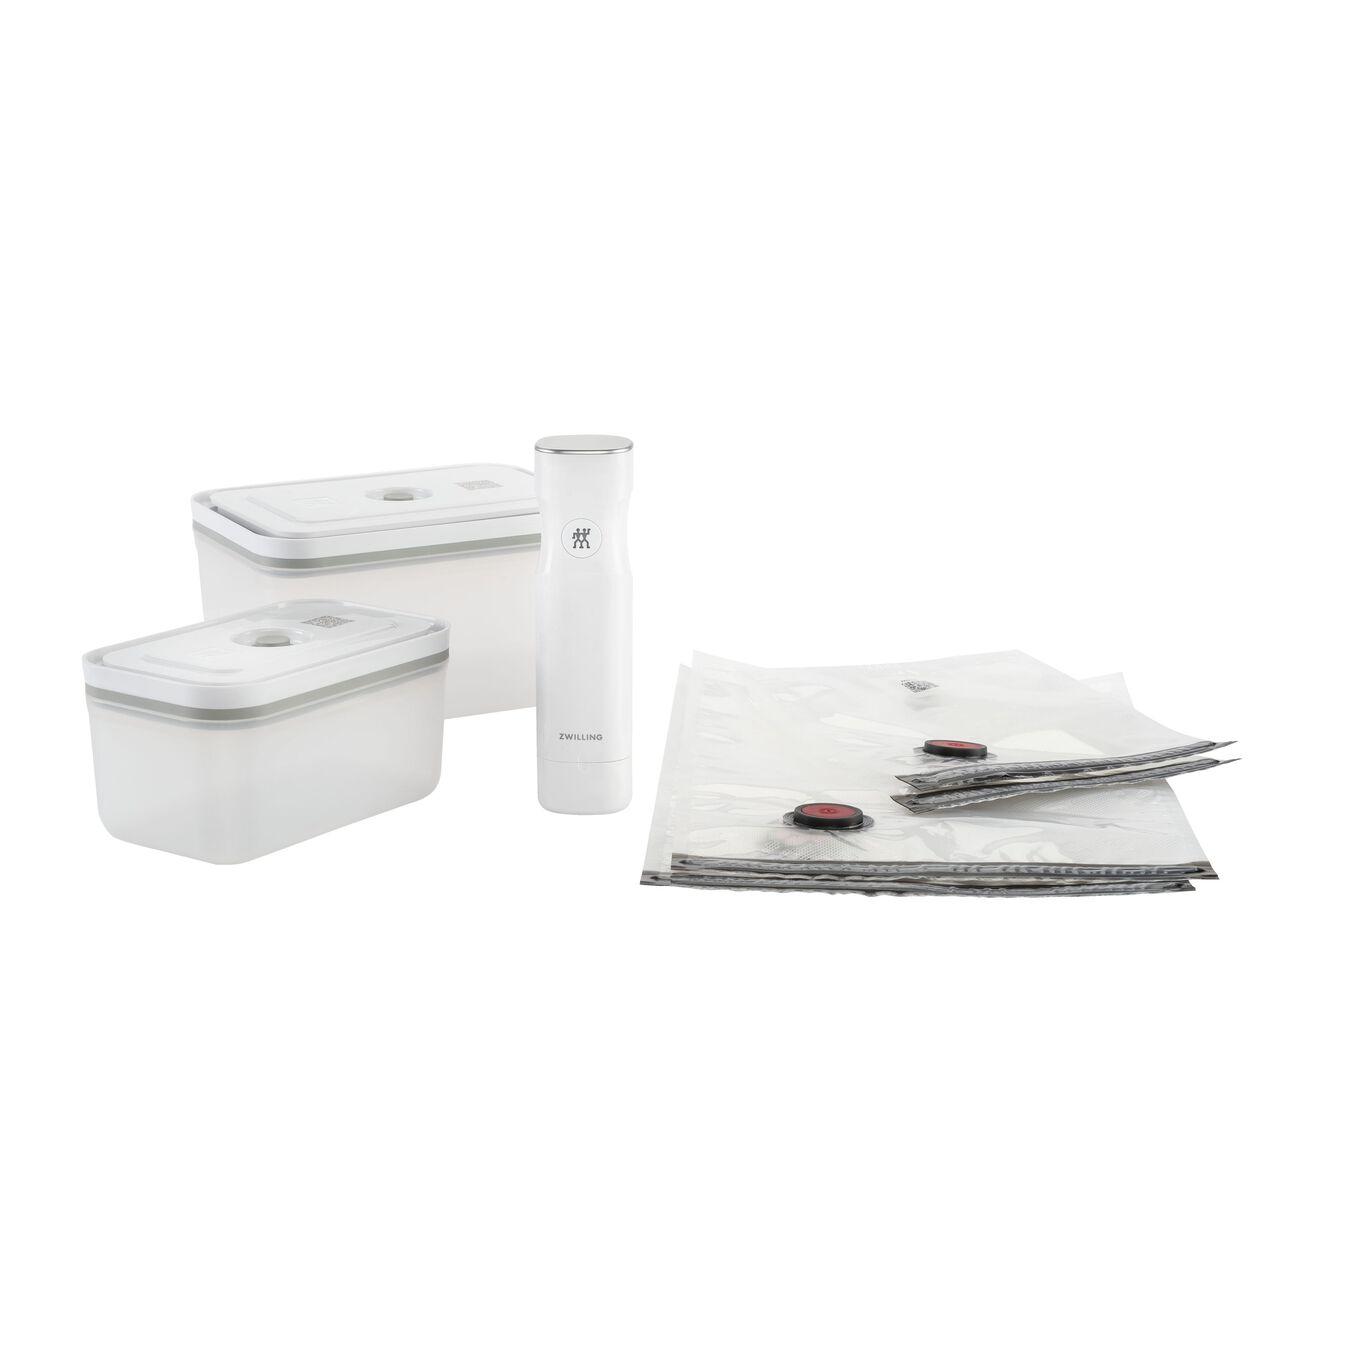 Ensemble de démarrage sous vide, Plastique / M/L, 7-pcs, Blanc,,large 1